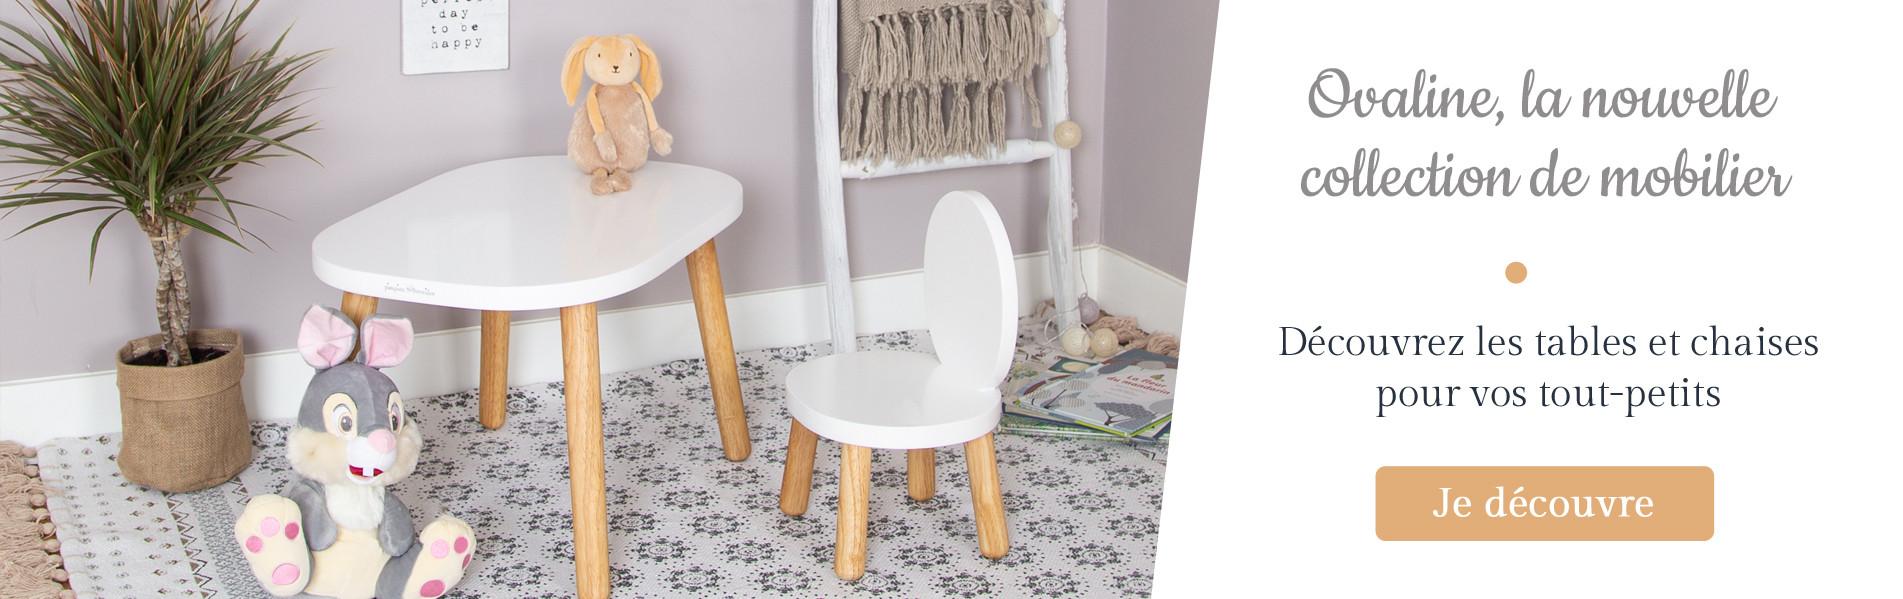 Ovaline Nouvelle collection de tables et chaises bébé